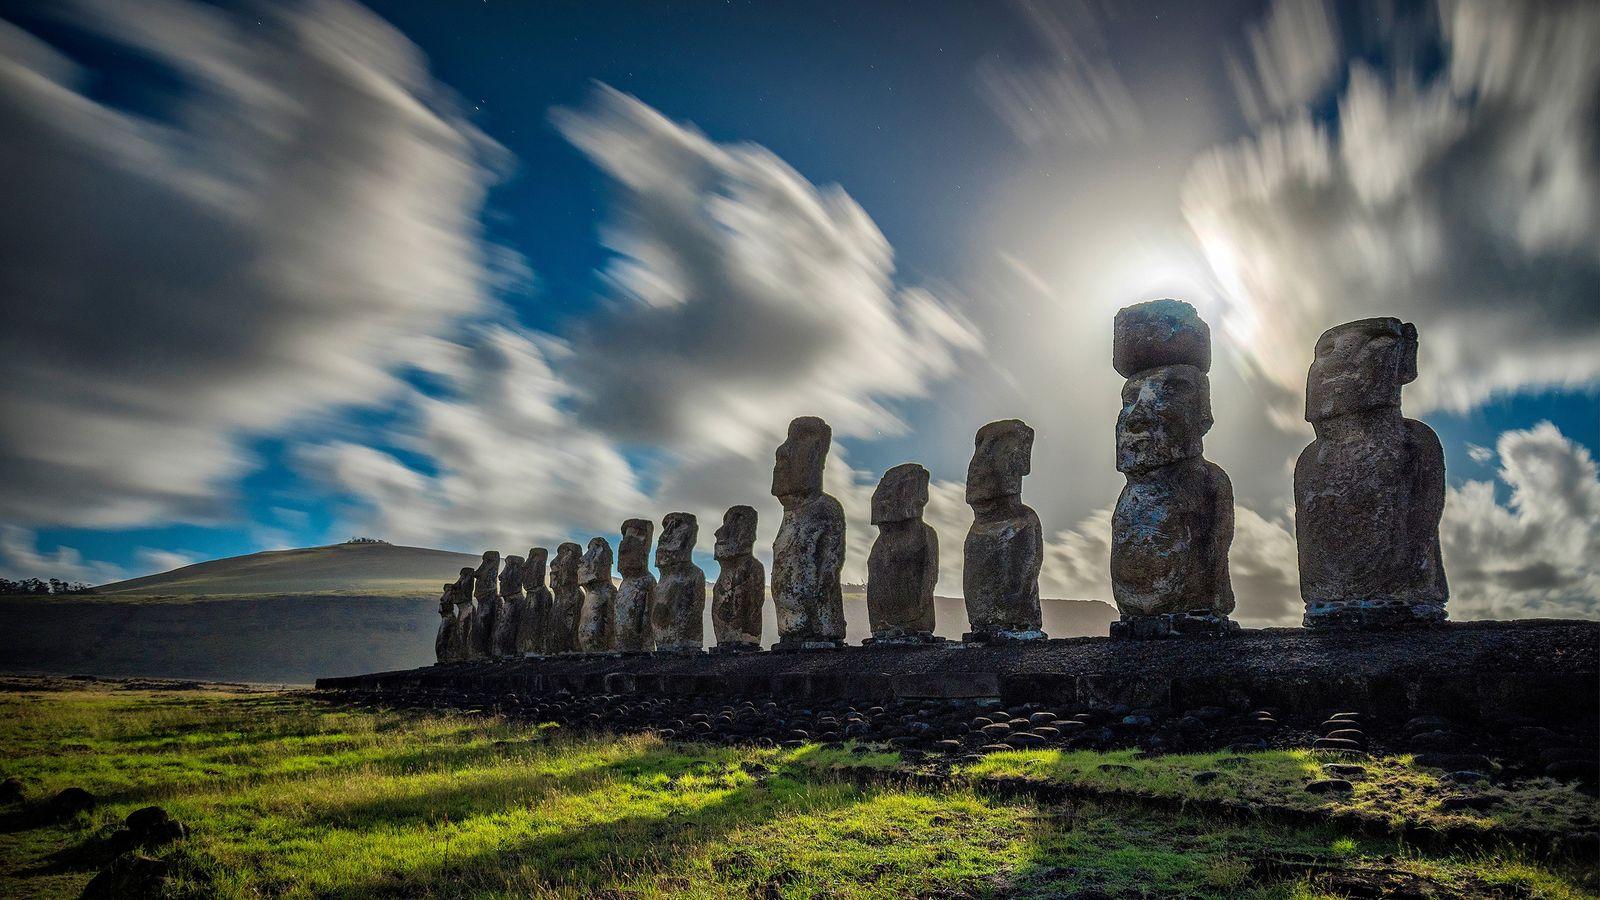 Des nuages semblent recouvrir les statues monolithiques de l'île de Pâques.